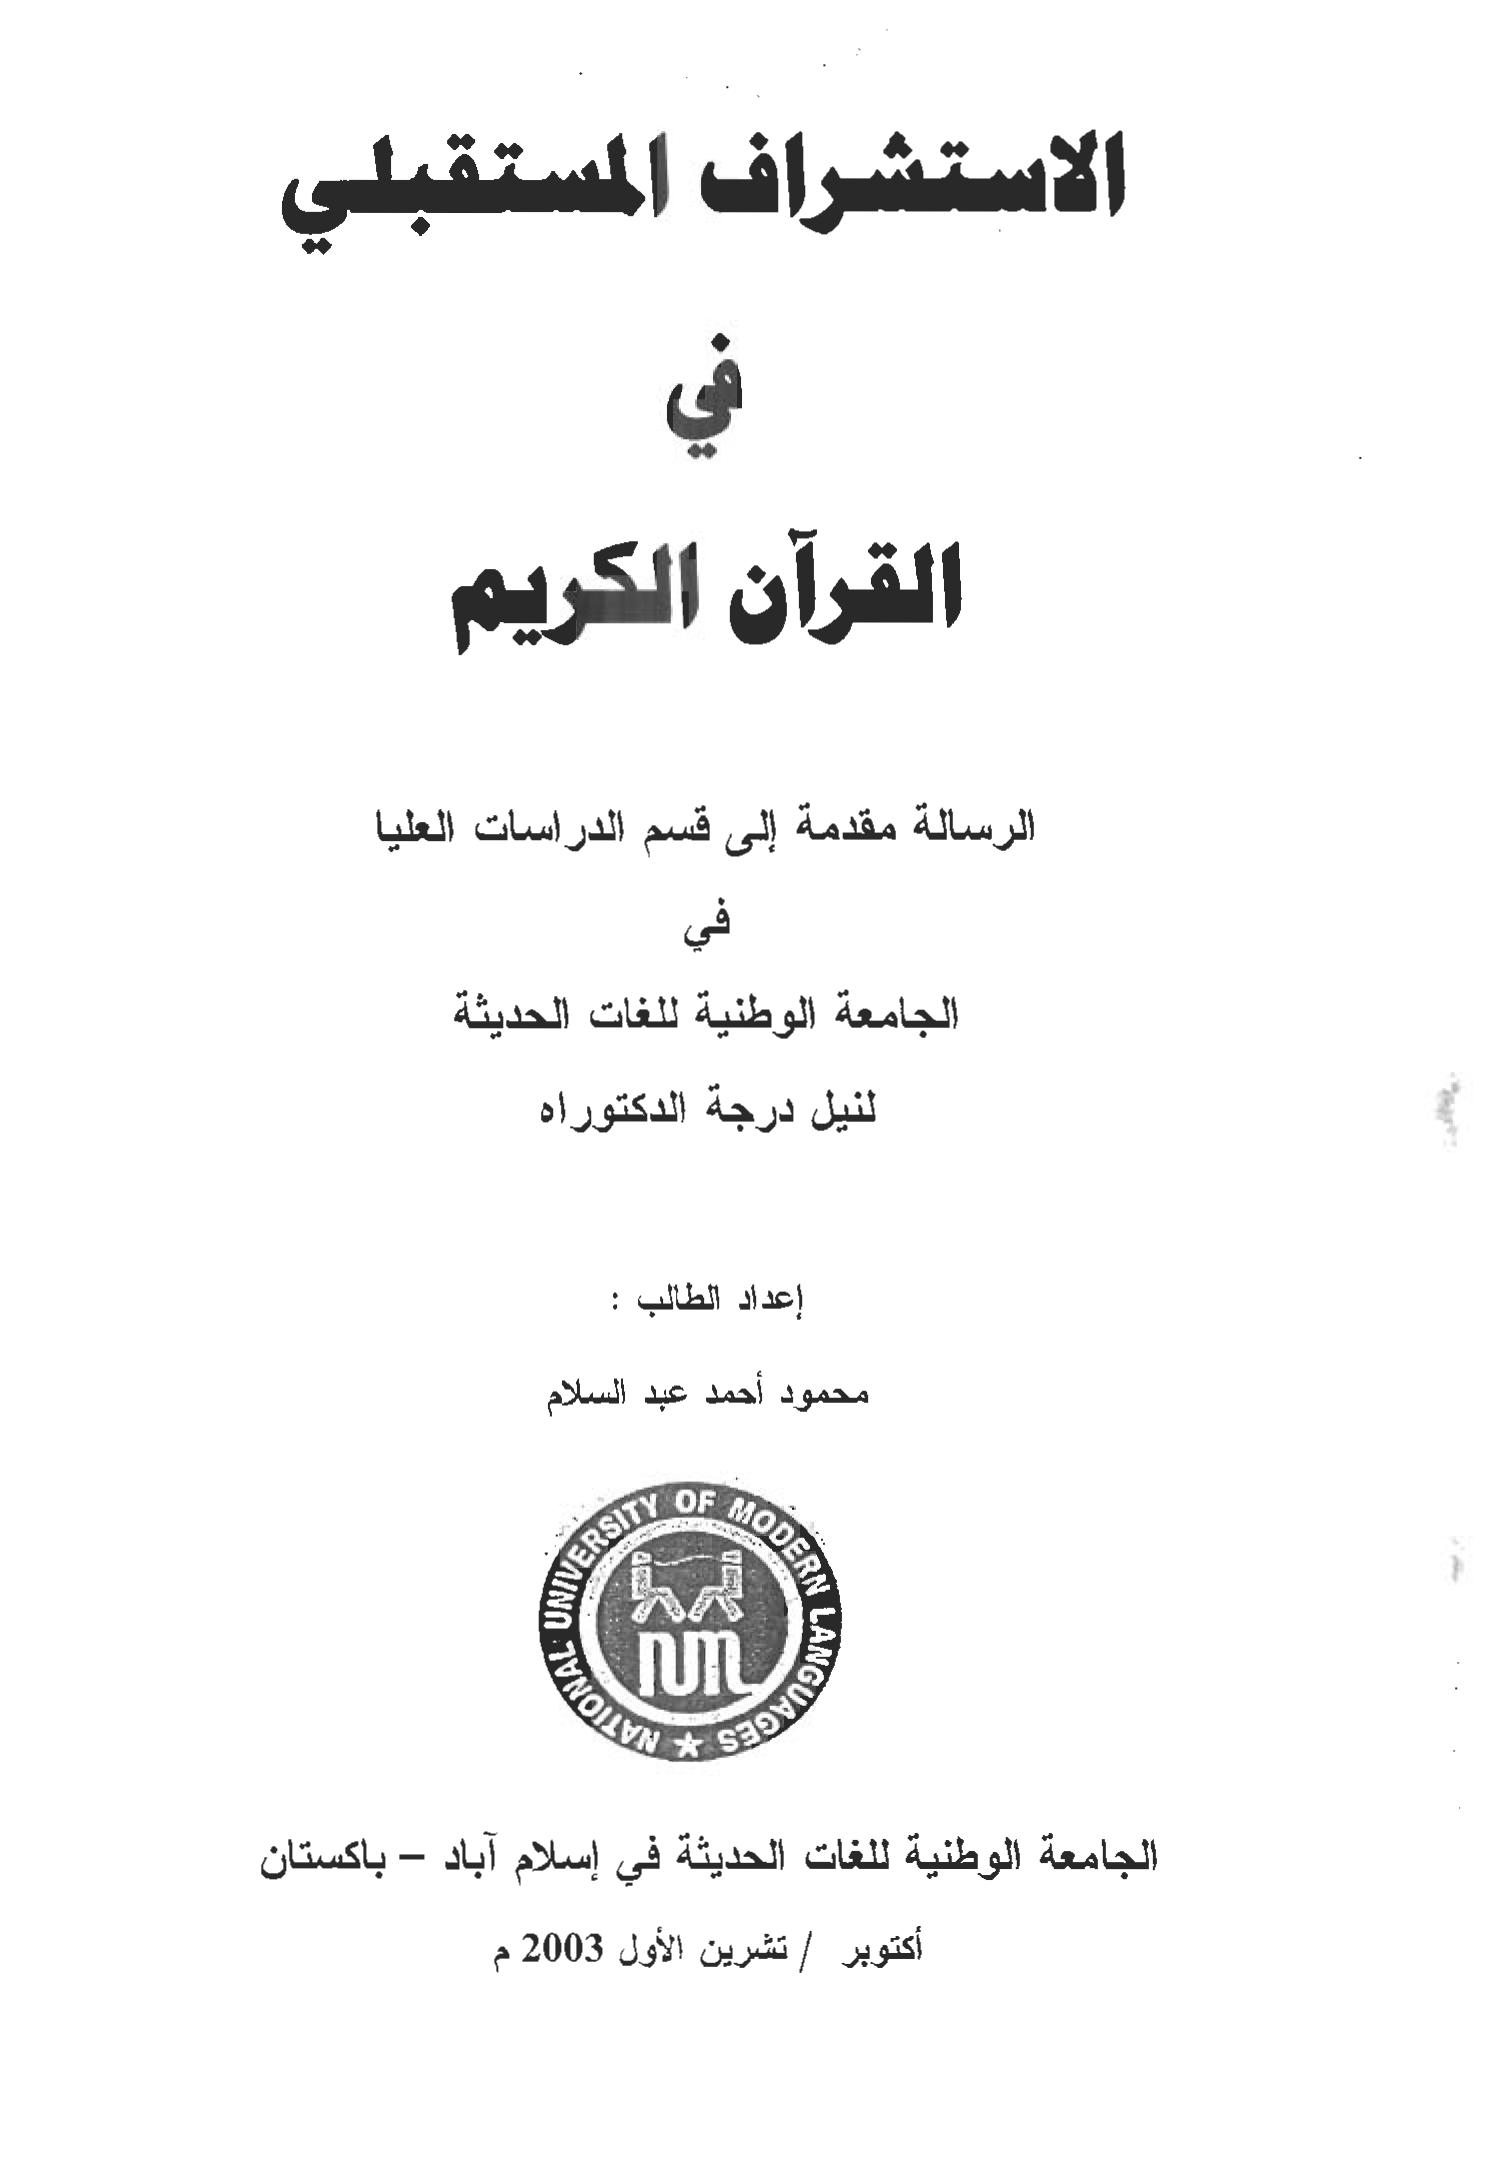 تحميل كتاب الاستشراف المستقبلي في القرآن الكريم لـِ: الدكتور محمود أحمد عبد السلام